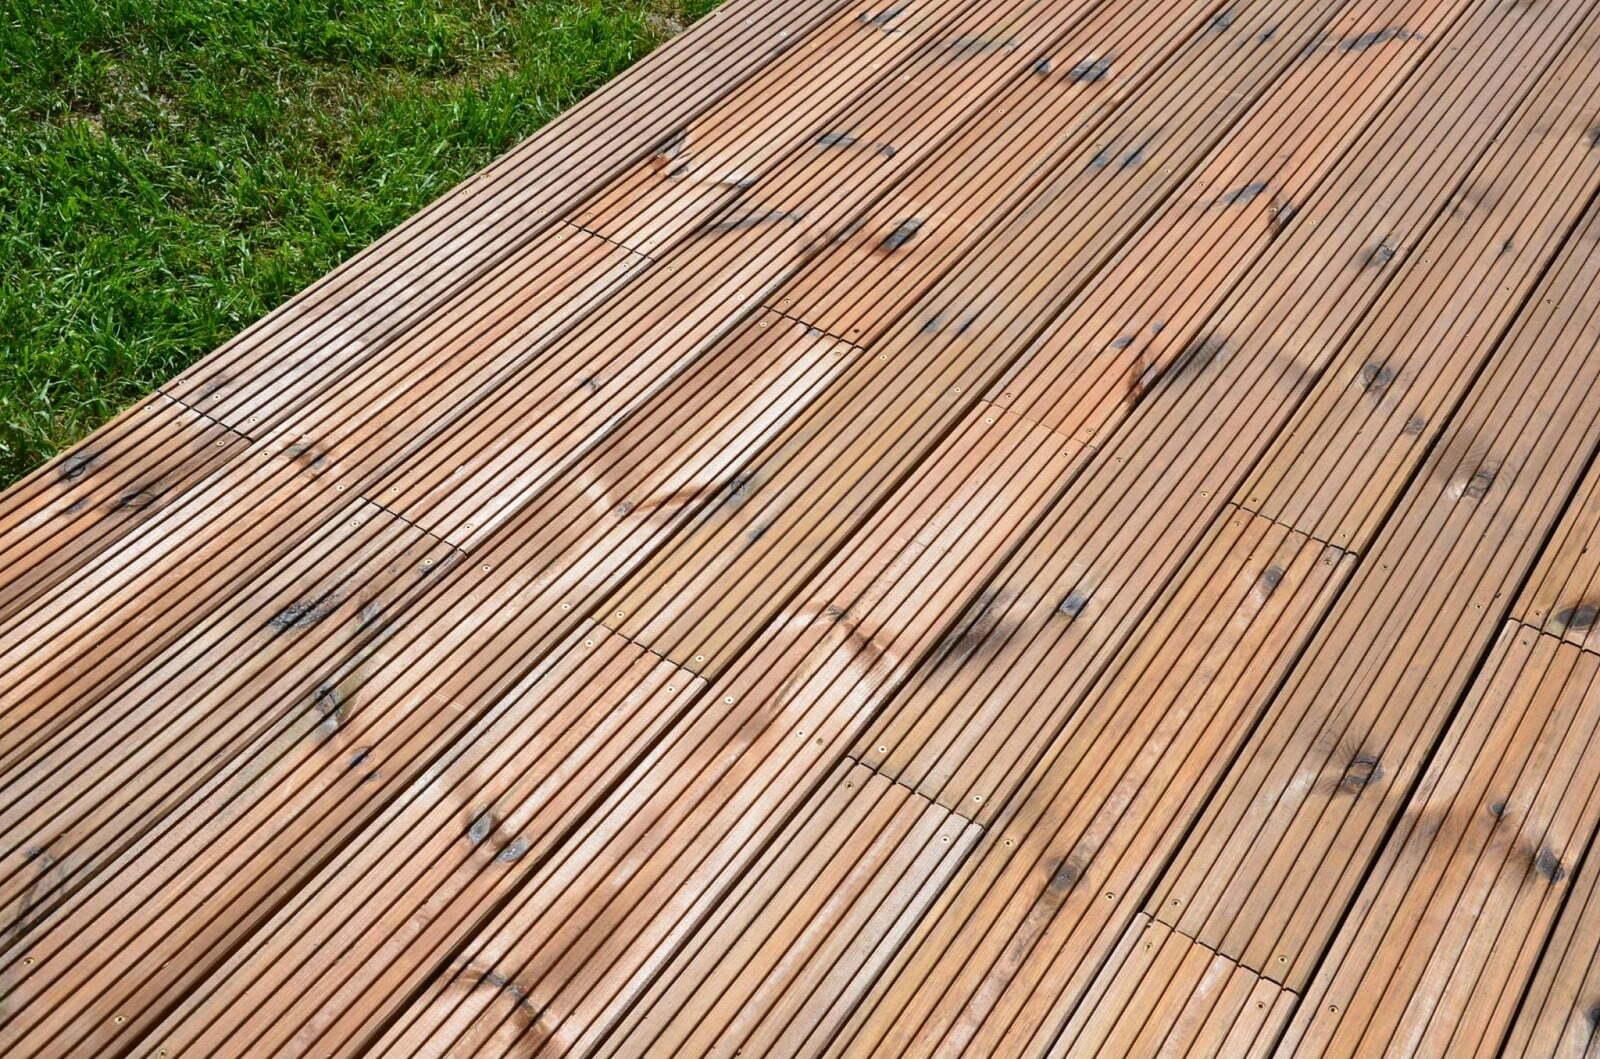 Holzterrasse aus Teak Profi in Mecklenburg Vorpommern (Rostock, Ostsee, Schwerin Stralsund, Wismar) - Terrasse bauen, Holz, Kosten, bauen lassen, vergrößern, sanieren